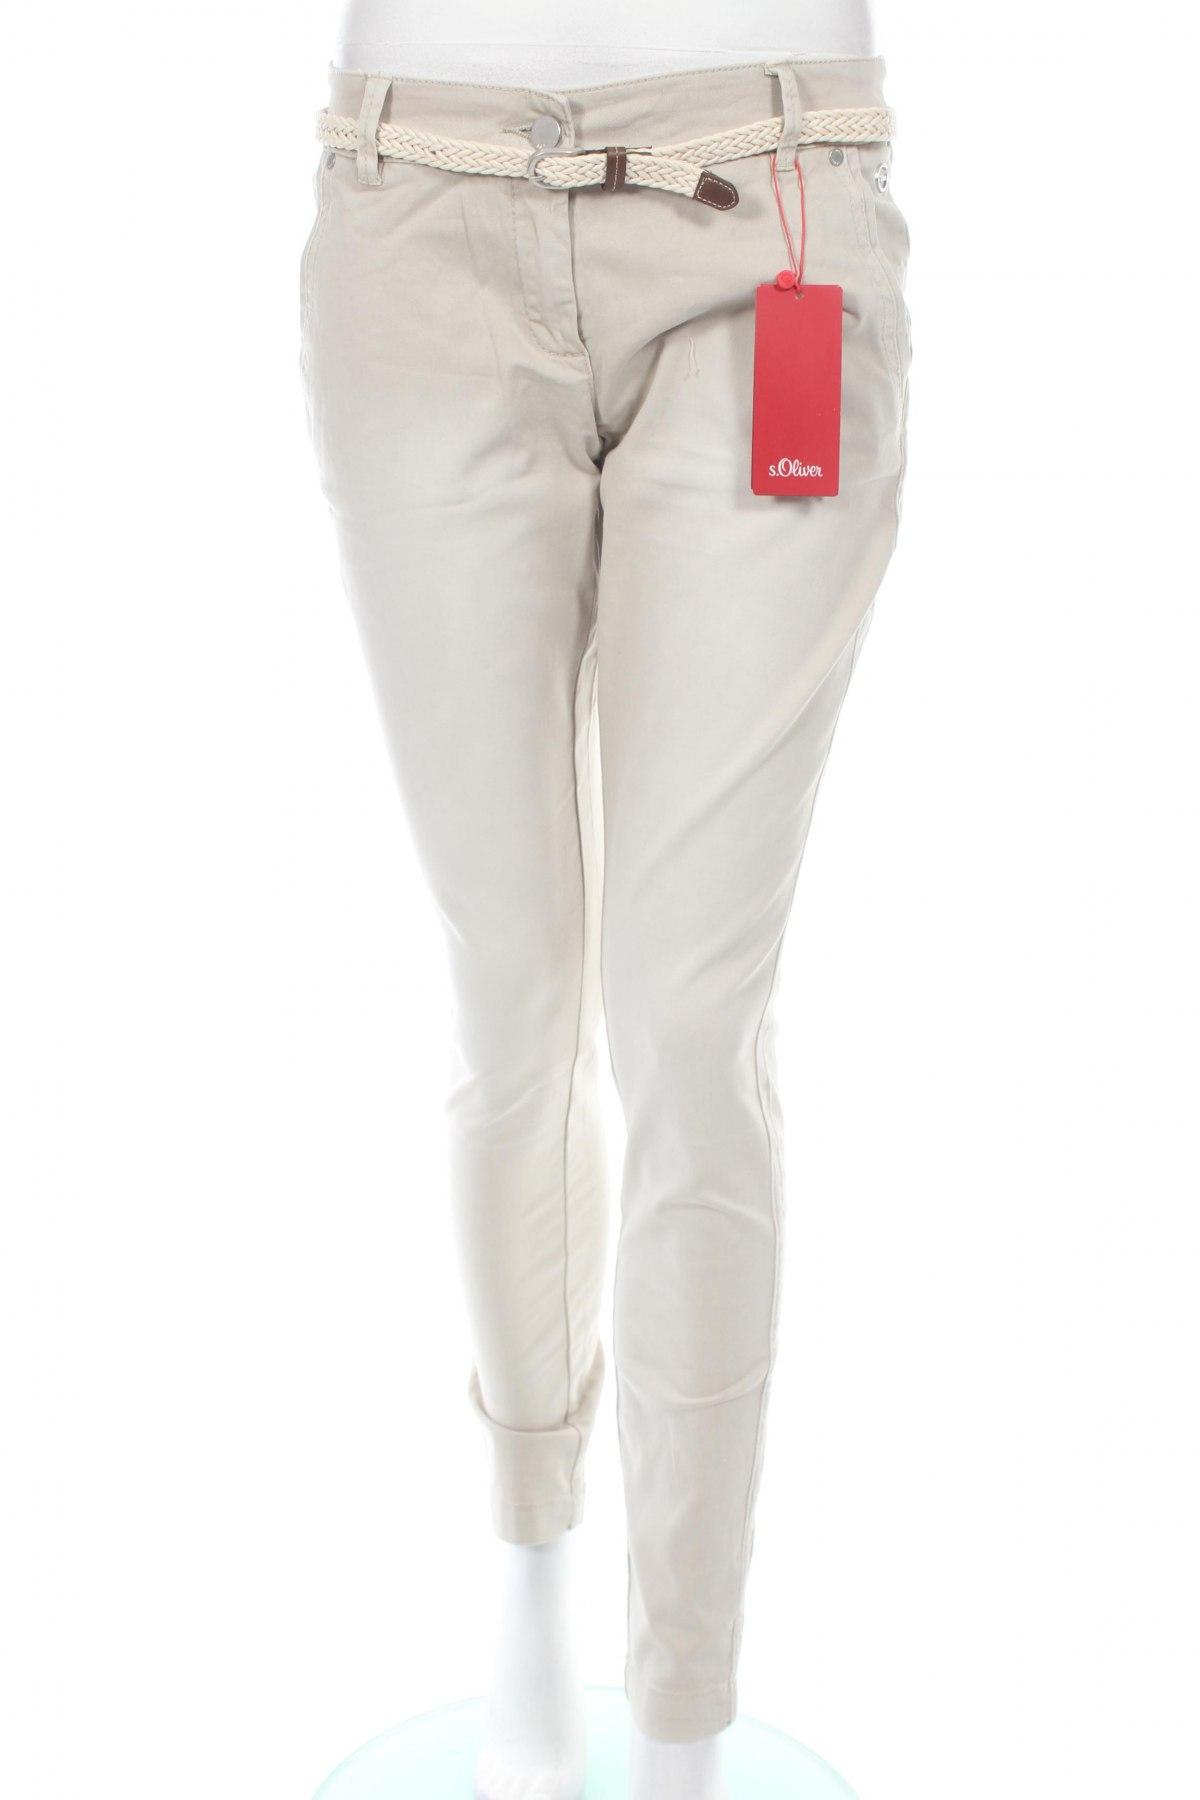 beb321443 Dámske nohavice S.Oliver - za výhodnú cenu na Remix - #104922475